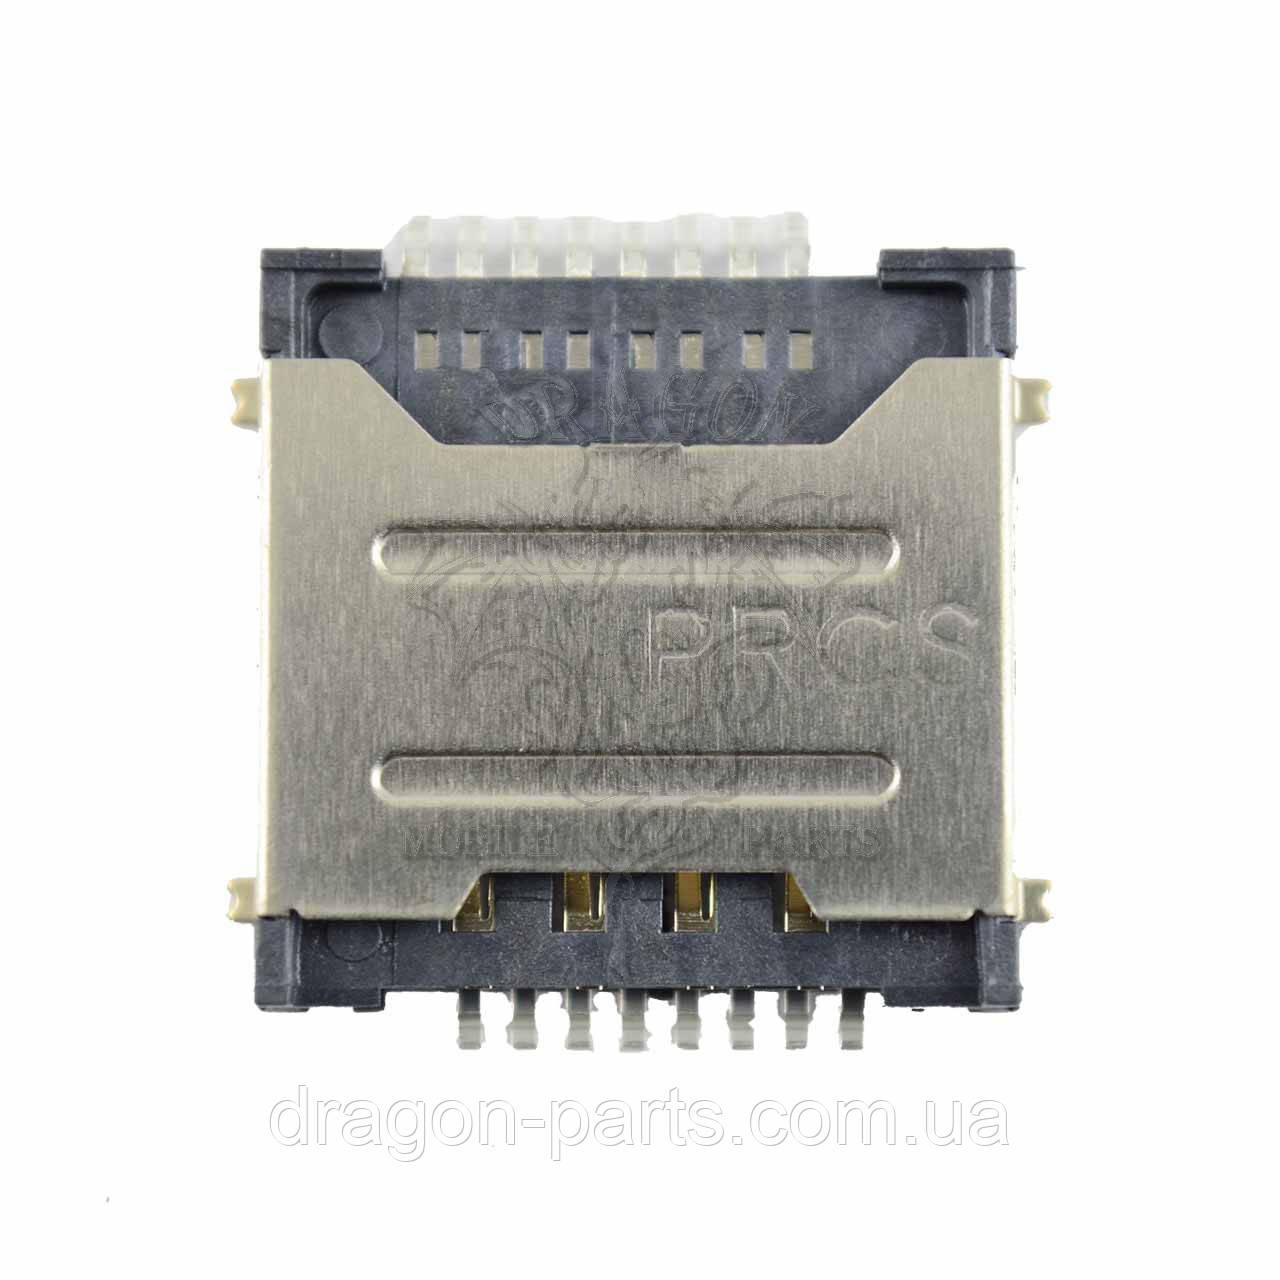 Роз'єм сім-карти (конектор) Nomi Corsa 3 LTE C070030, оригінал